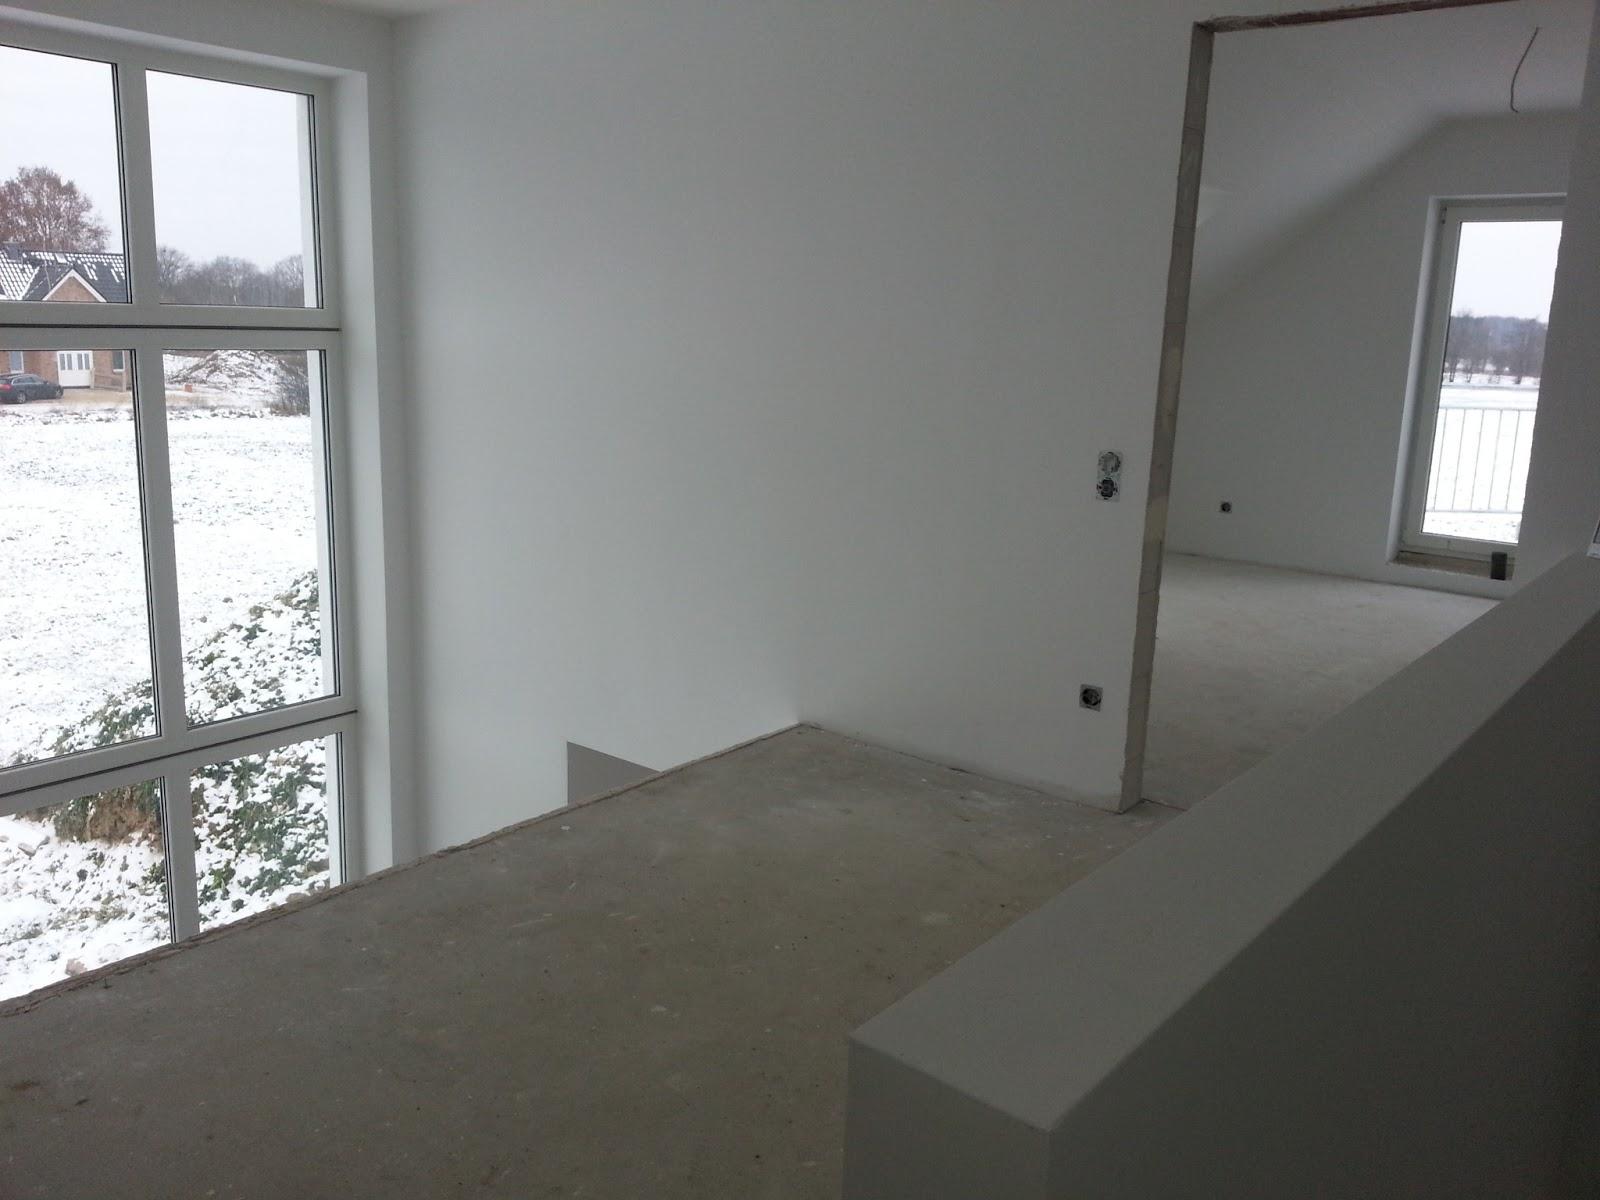 hausbau in siek schlesw holst bautagebuch weitere fliesenfotos. Black Bedroom Furniture Sets. Home Design Ideas